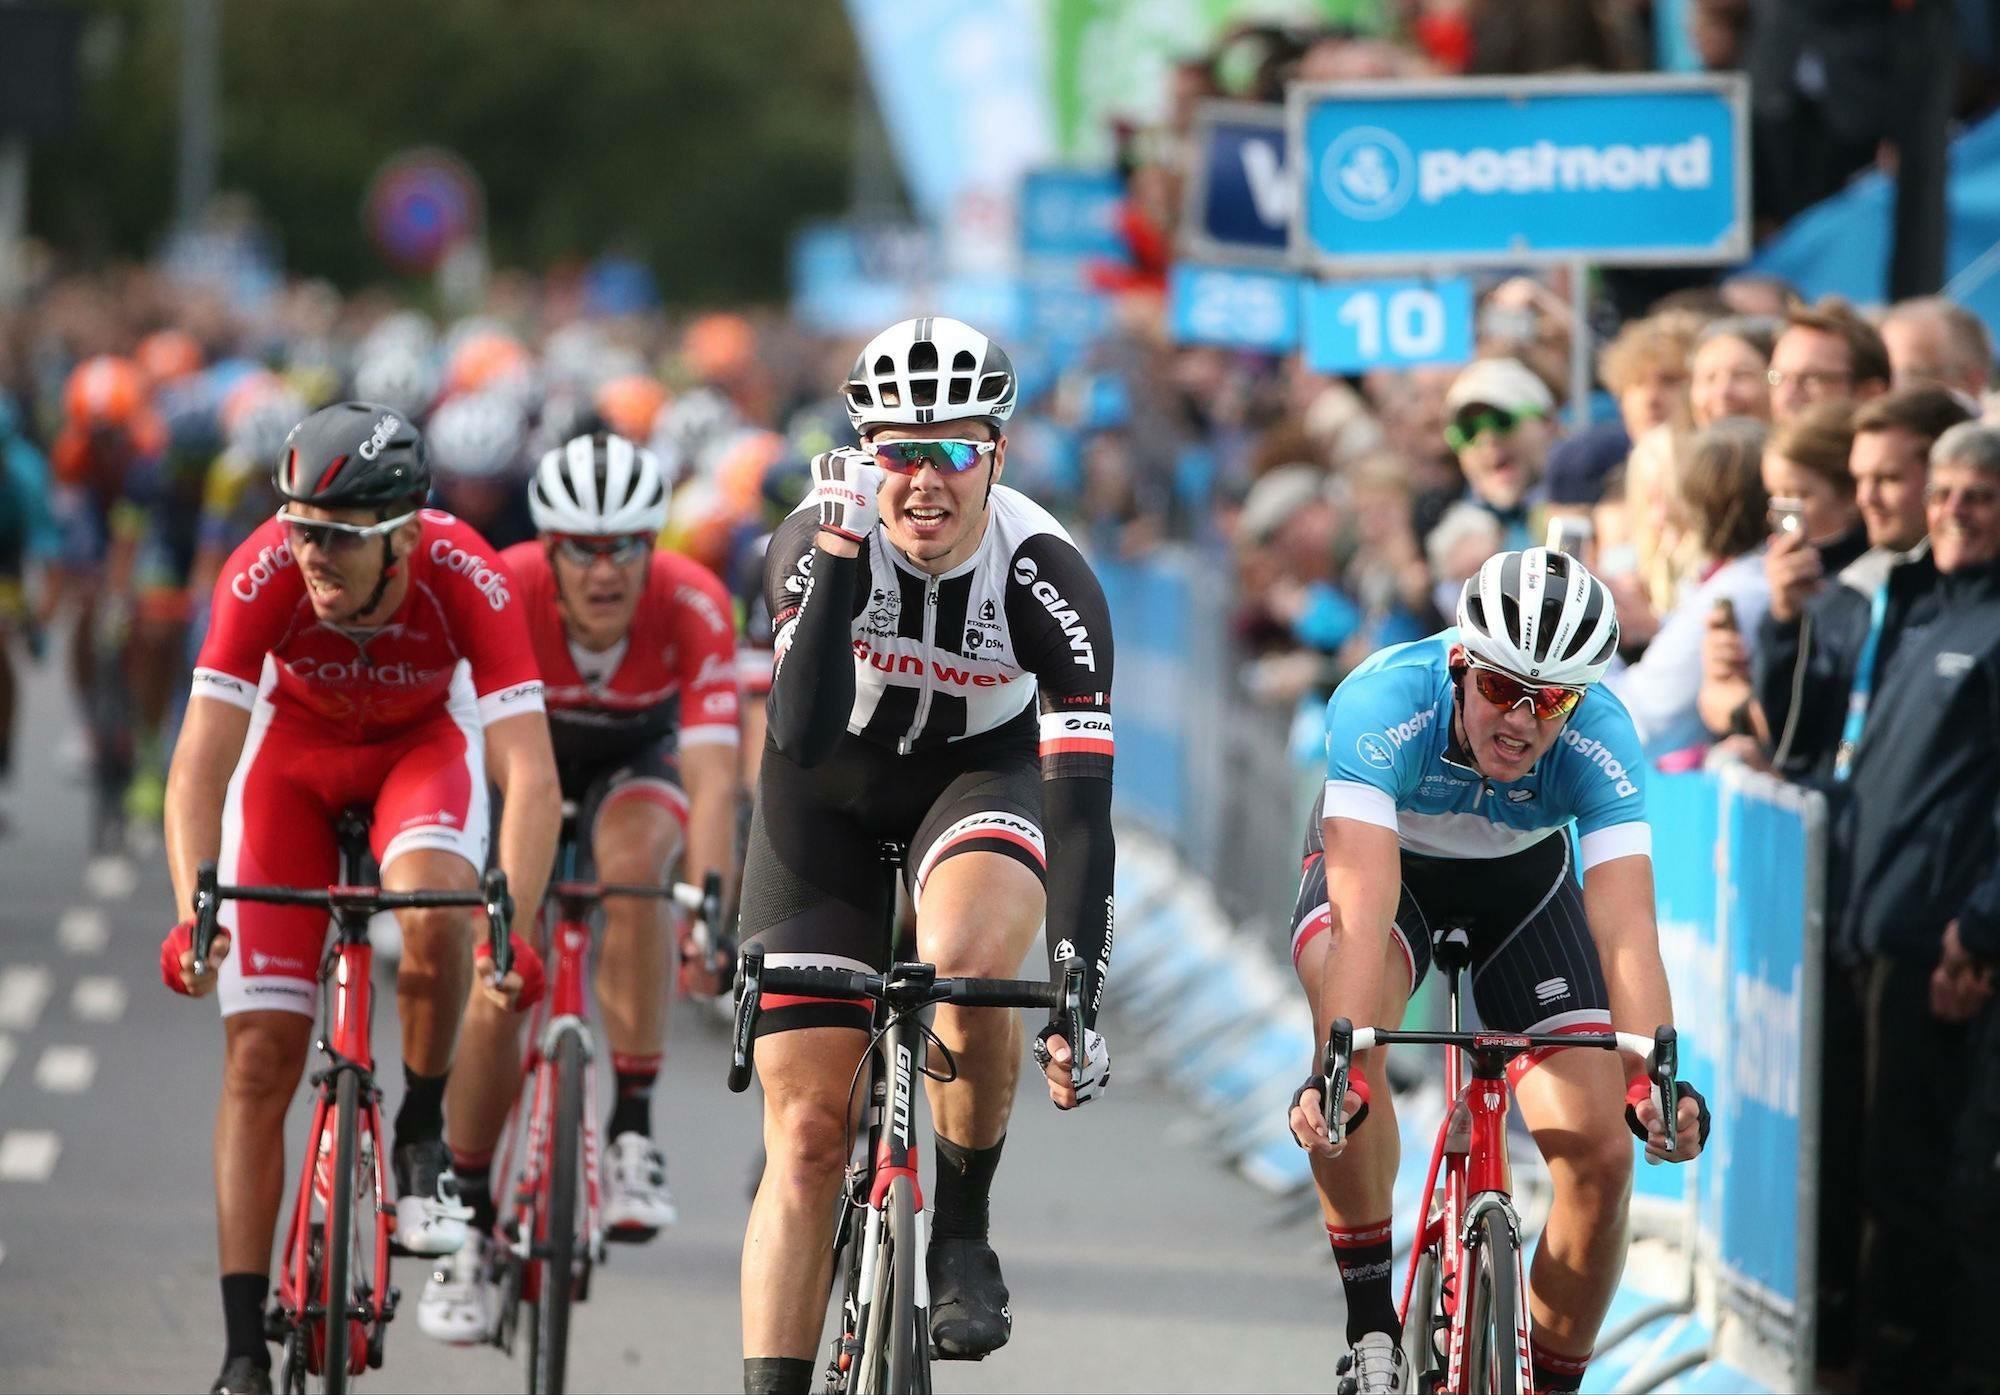 Max Walscheid, Dänemark Rundfahrt Radsport, Etappensieg